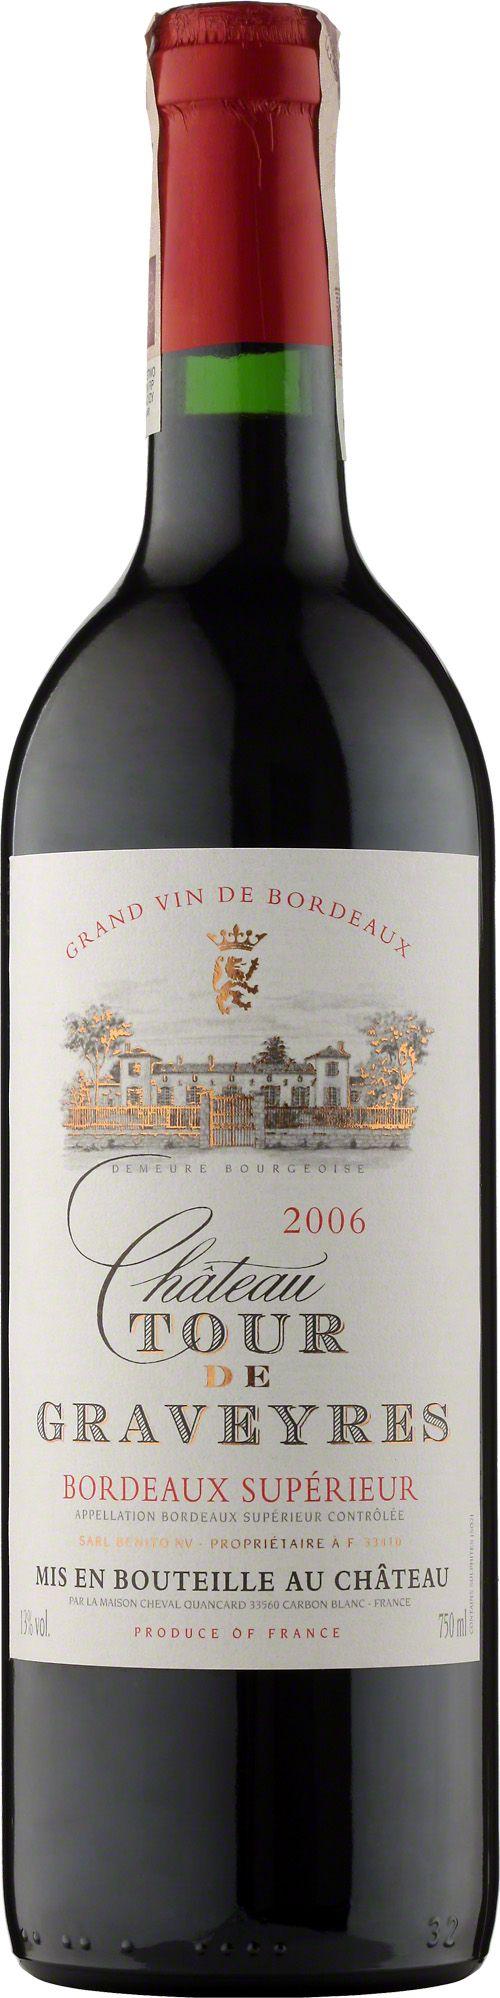 Chateau Tour De Graveyres Bordeaux A.O.C. Klasyczne bordoskie cuvee z podstawą caberneta. Wino o eleganckiej i subtelnej dębowej nucie. #Wino #Bordeaux #Winezja #Chateau #TourDeGraveyres